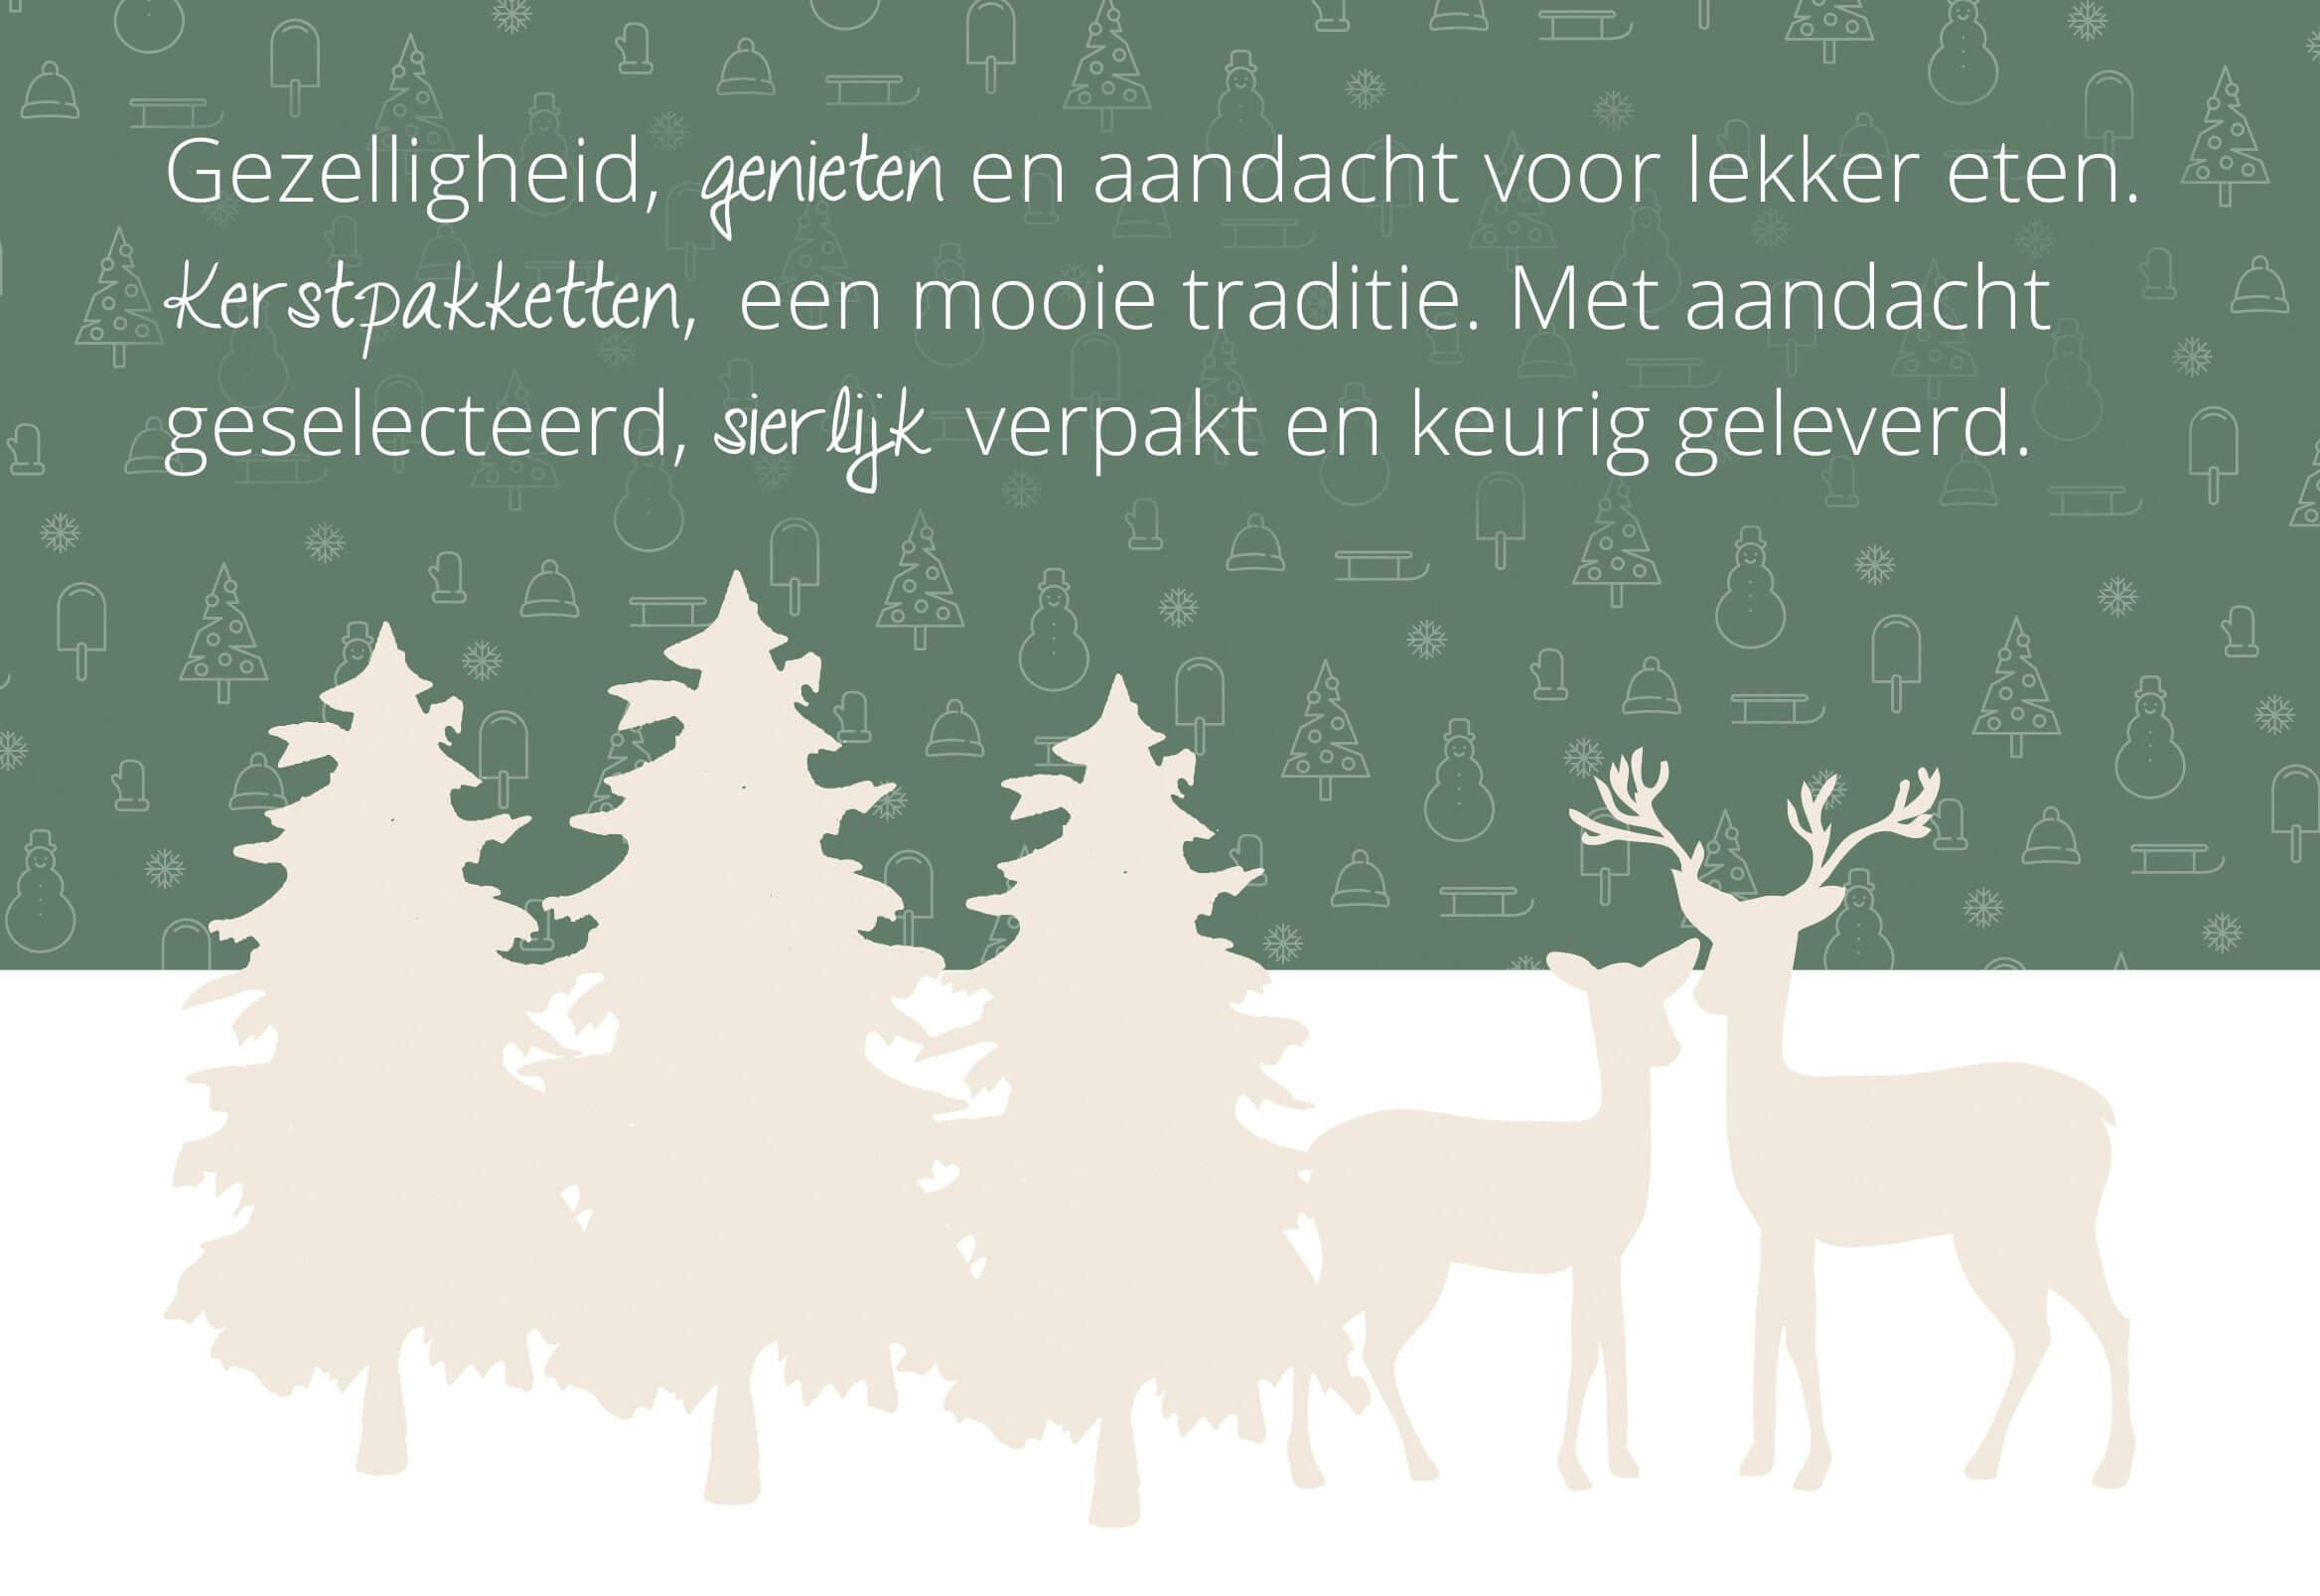 VIVO-Lekkernijen Kerstbrochure 2020 02